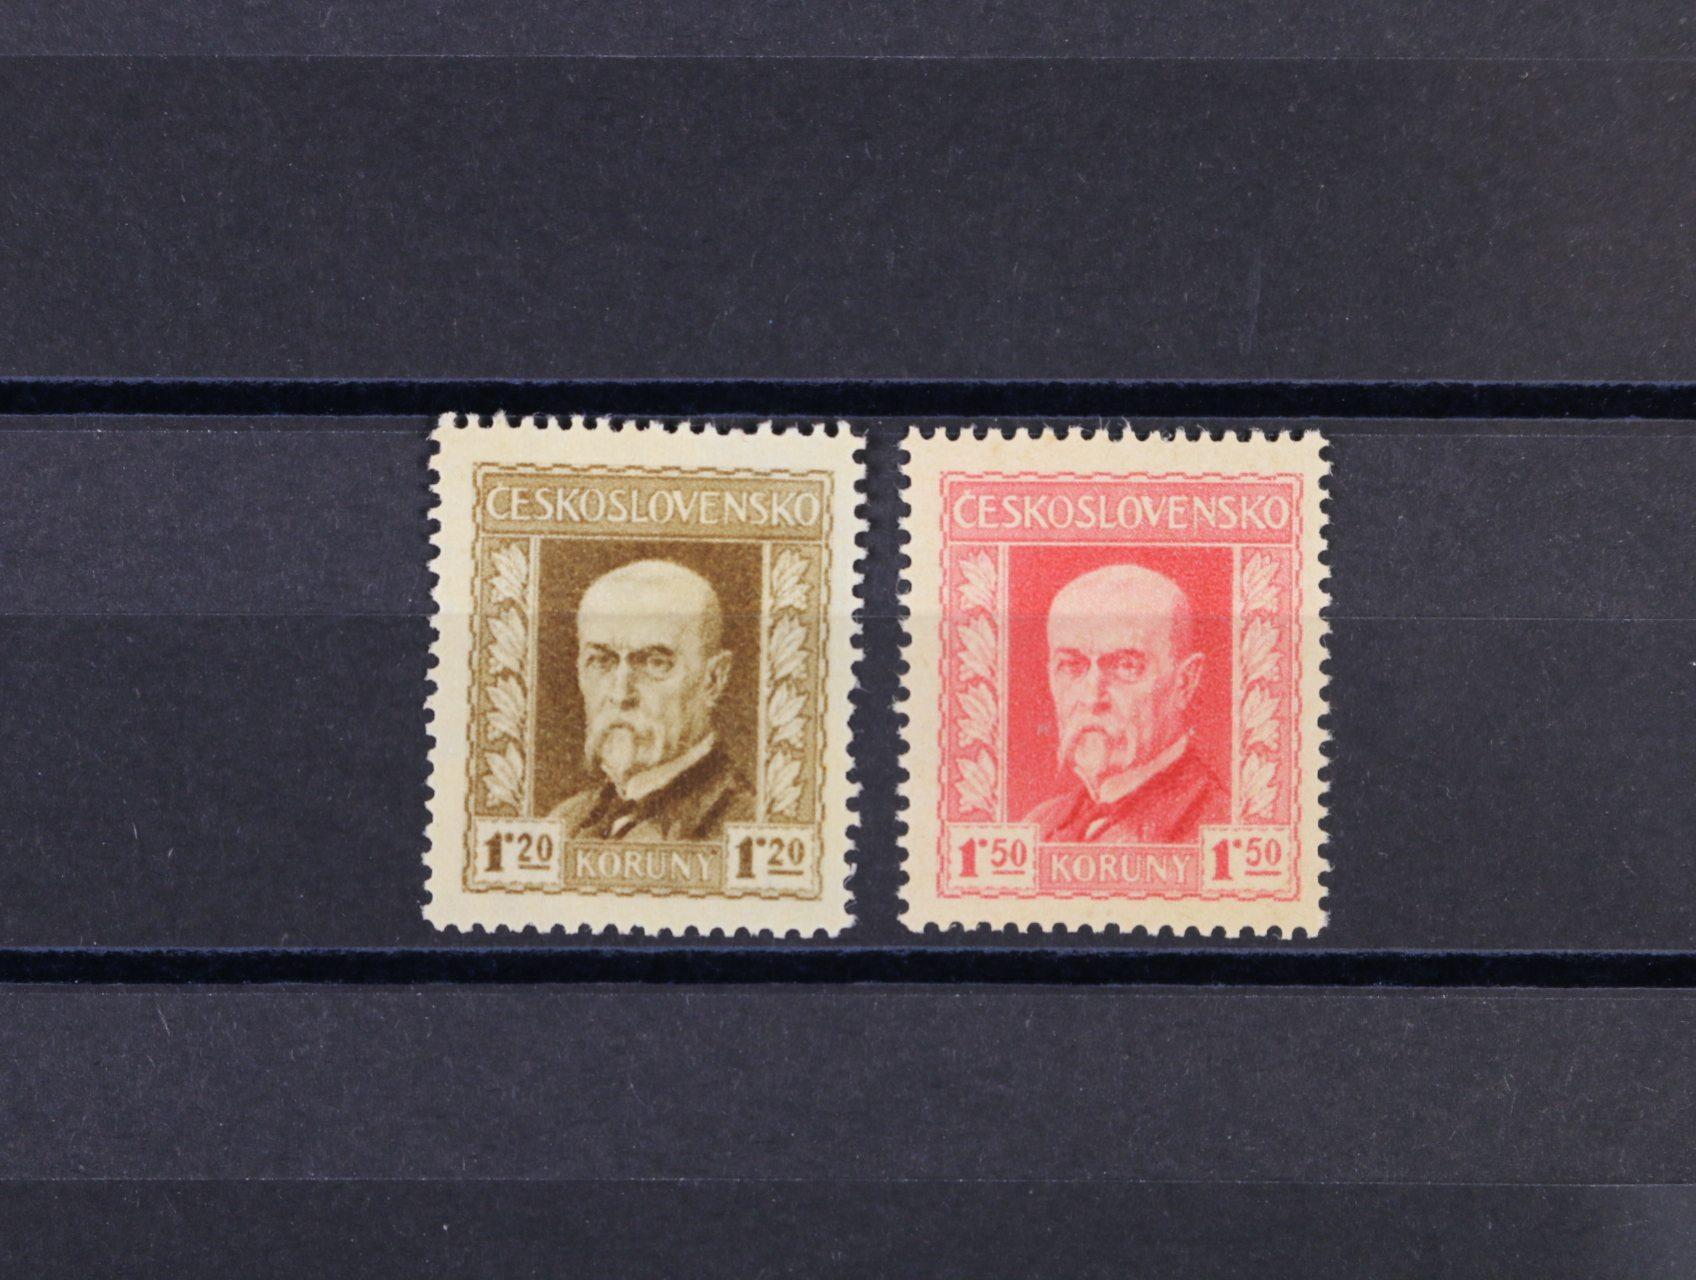 ZT zn. s portrétem TGM pro CDV 33 v barvě hnědé a pro CDV 35 v barvě červené, zk. Karásek